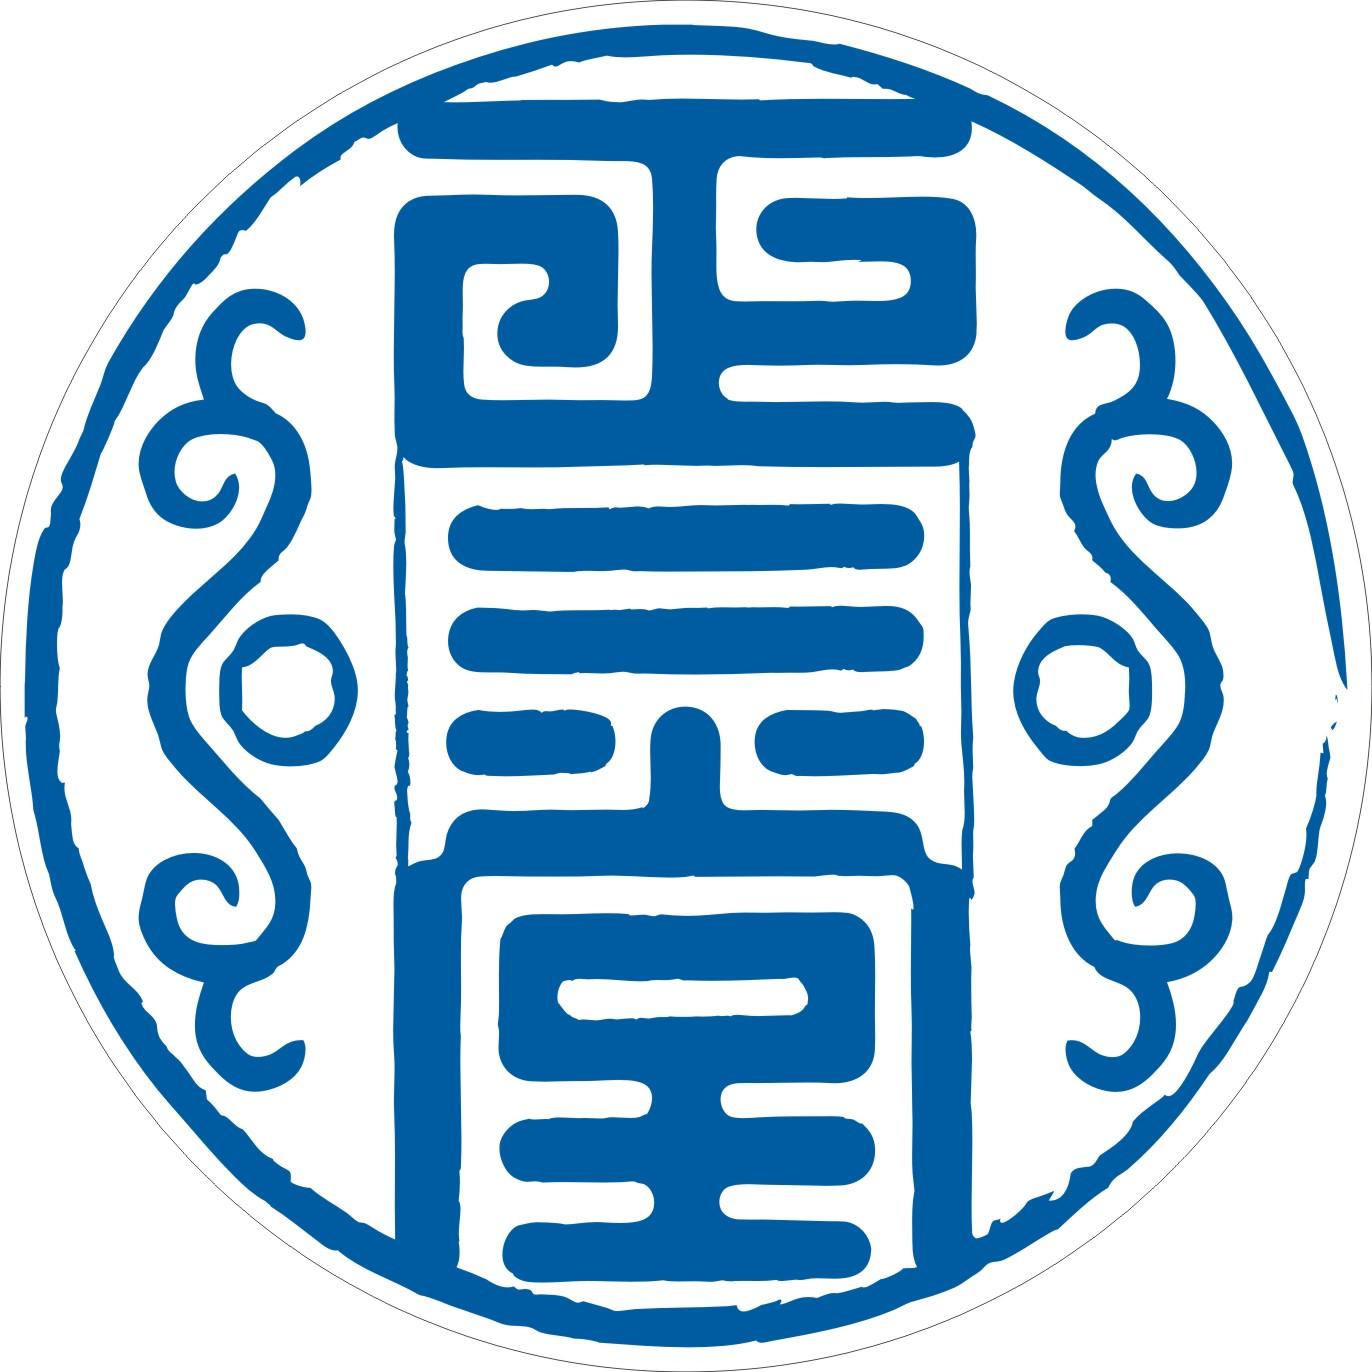 规格:1g*20袋 重量(g):20 产地:中国大陆 省份:吉林省 城市:白山市 西